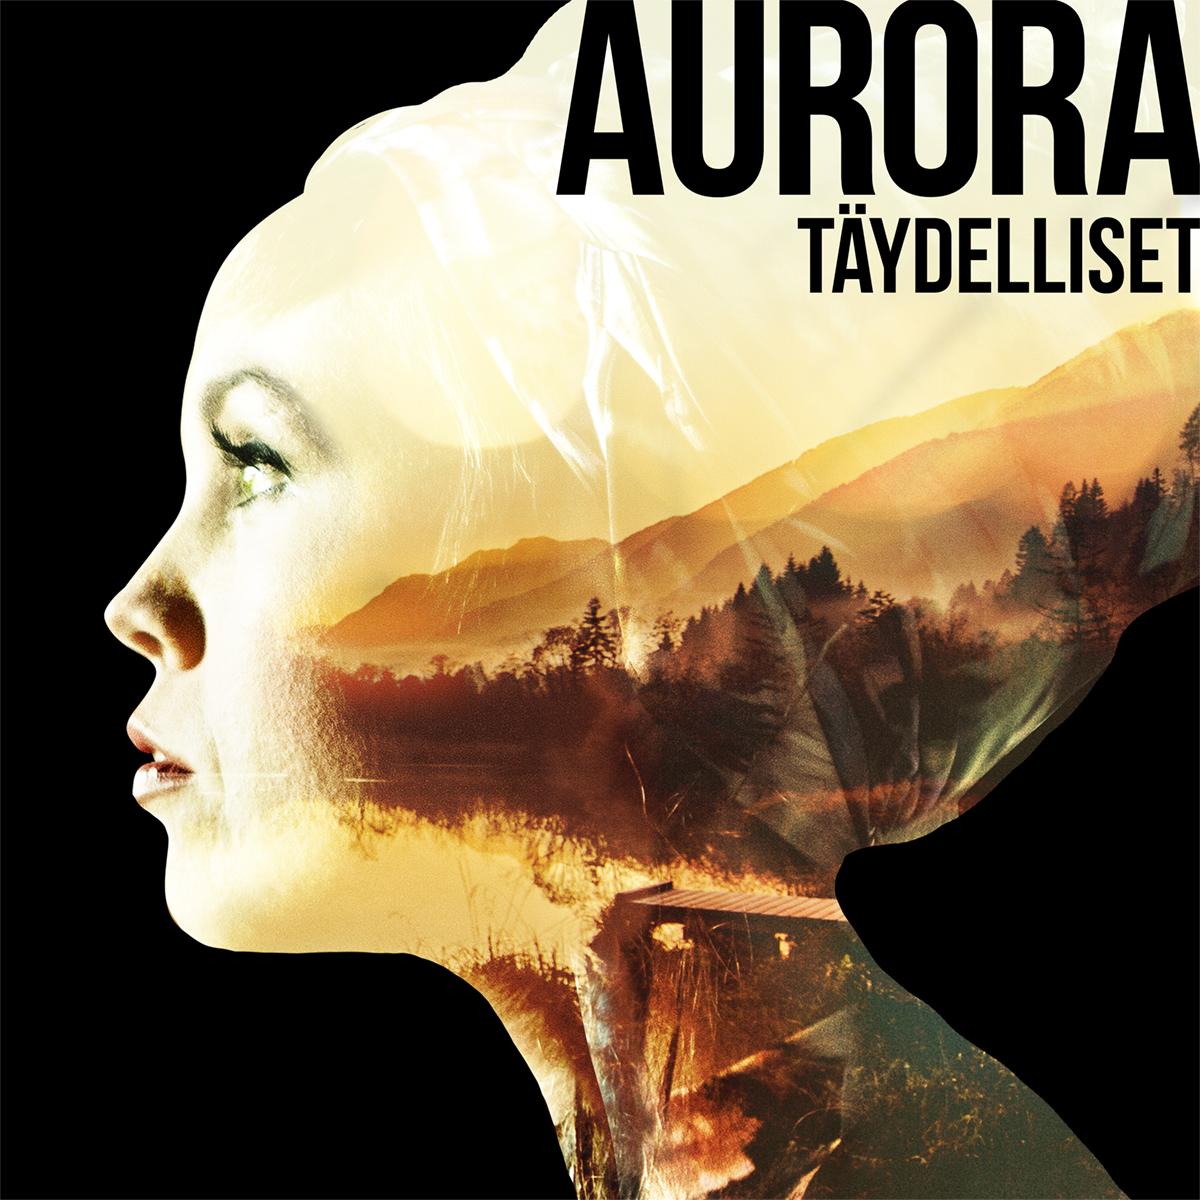 Aurora Taydelliset